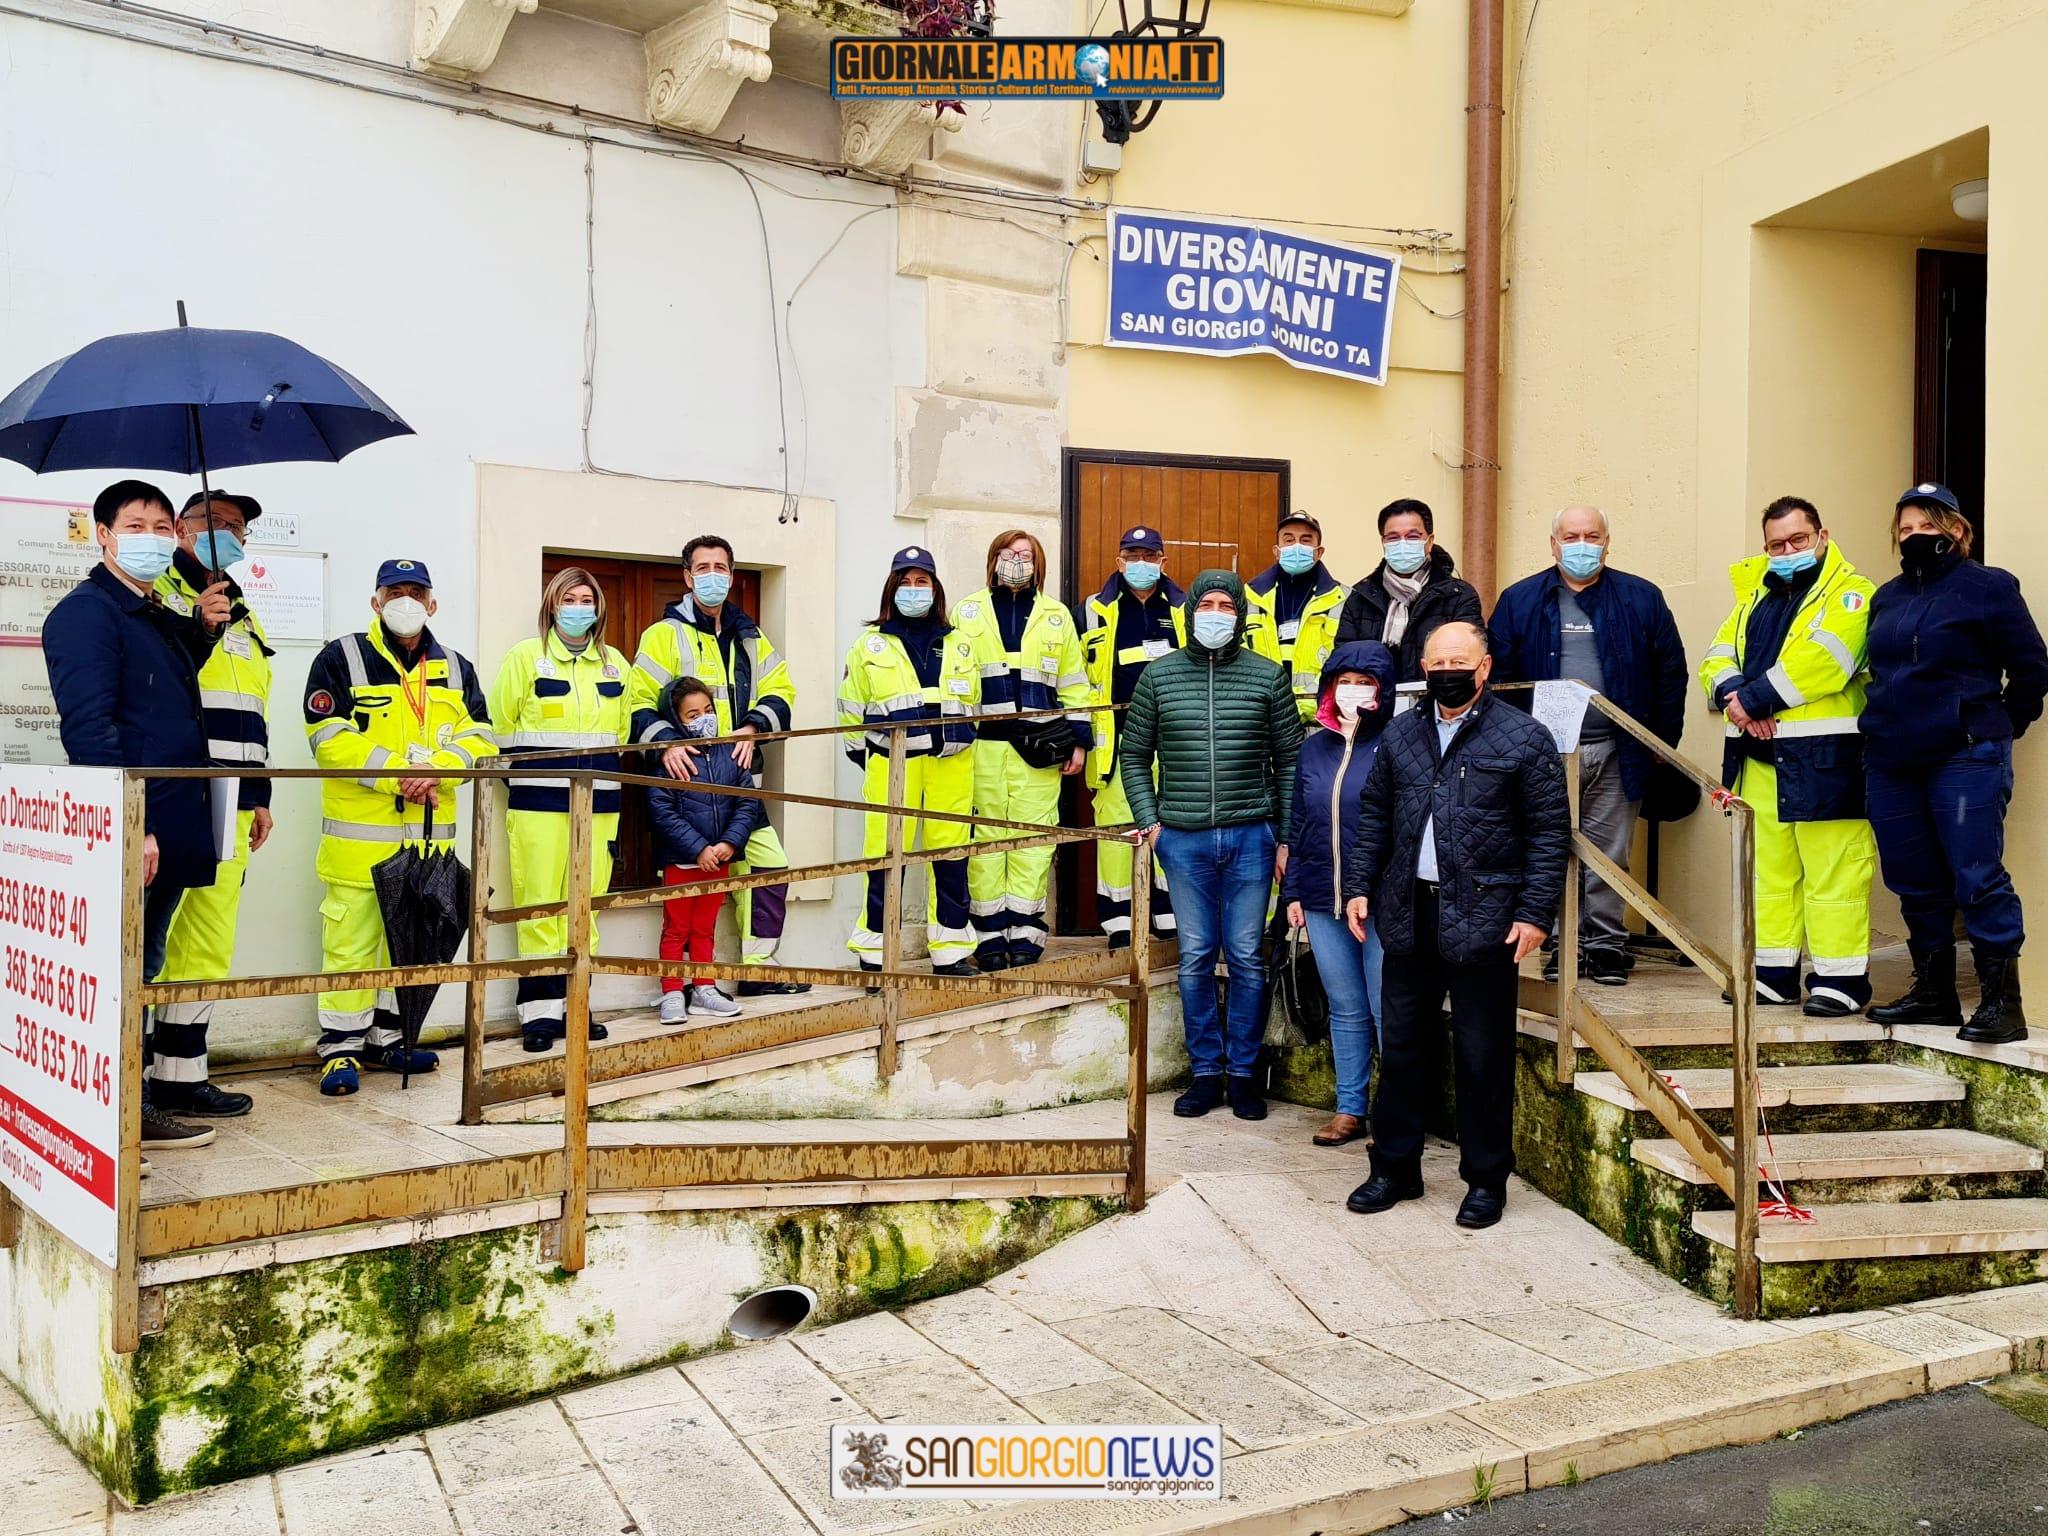 SOLIDARIETÀ E INCLUSIONE- LA DONAZIONE DEGLI OPERATORI CINESI ALLA PROTEZION3 CIVILE DI SAN GIORGIO I.